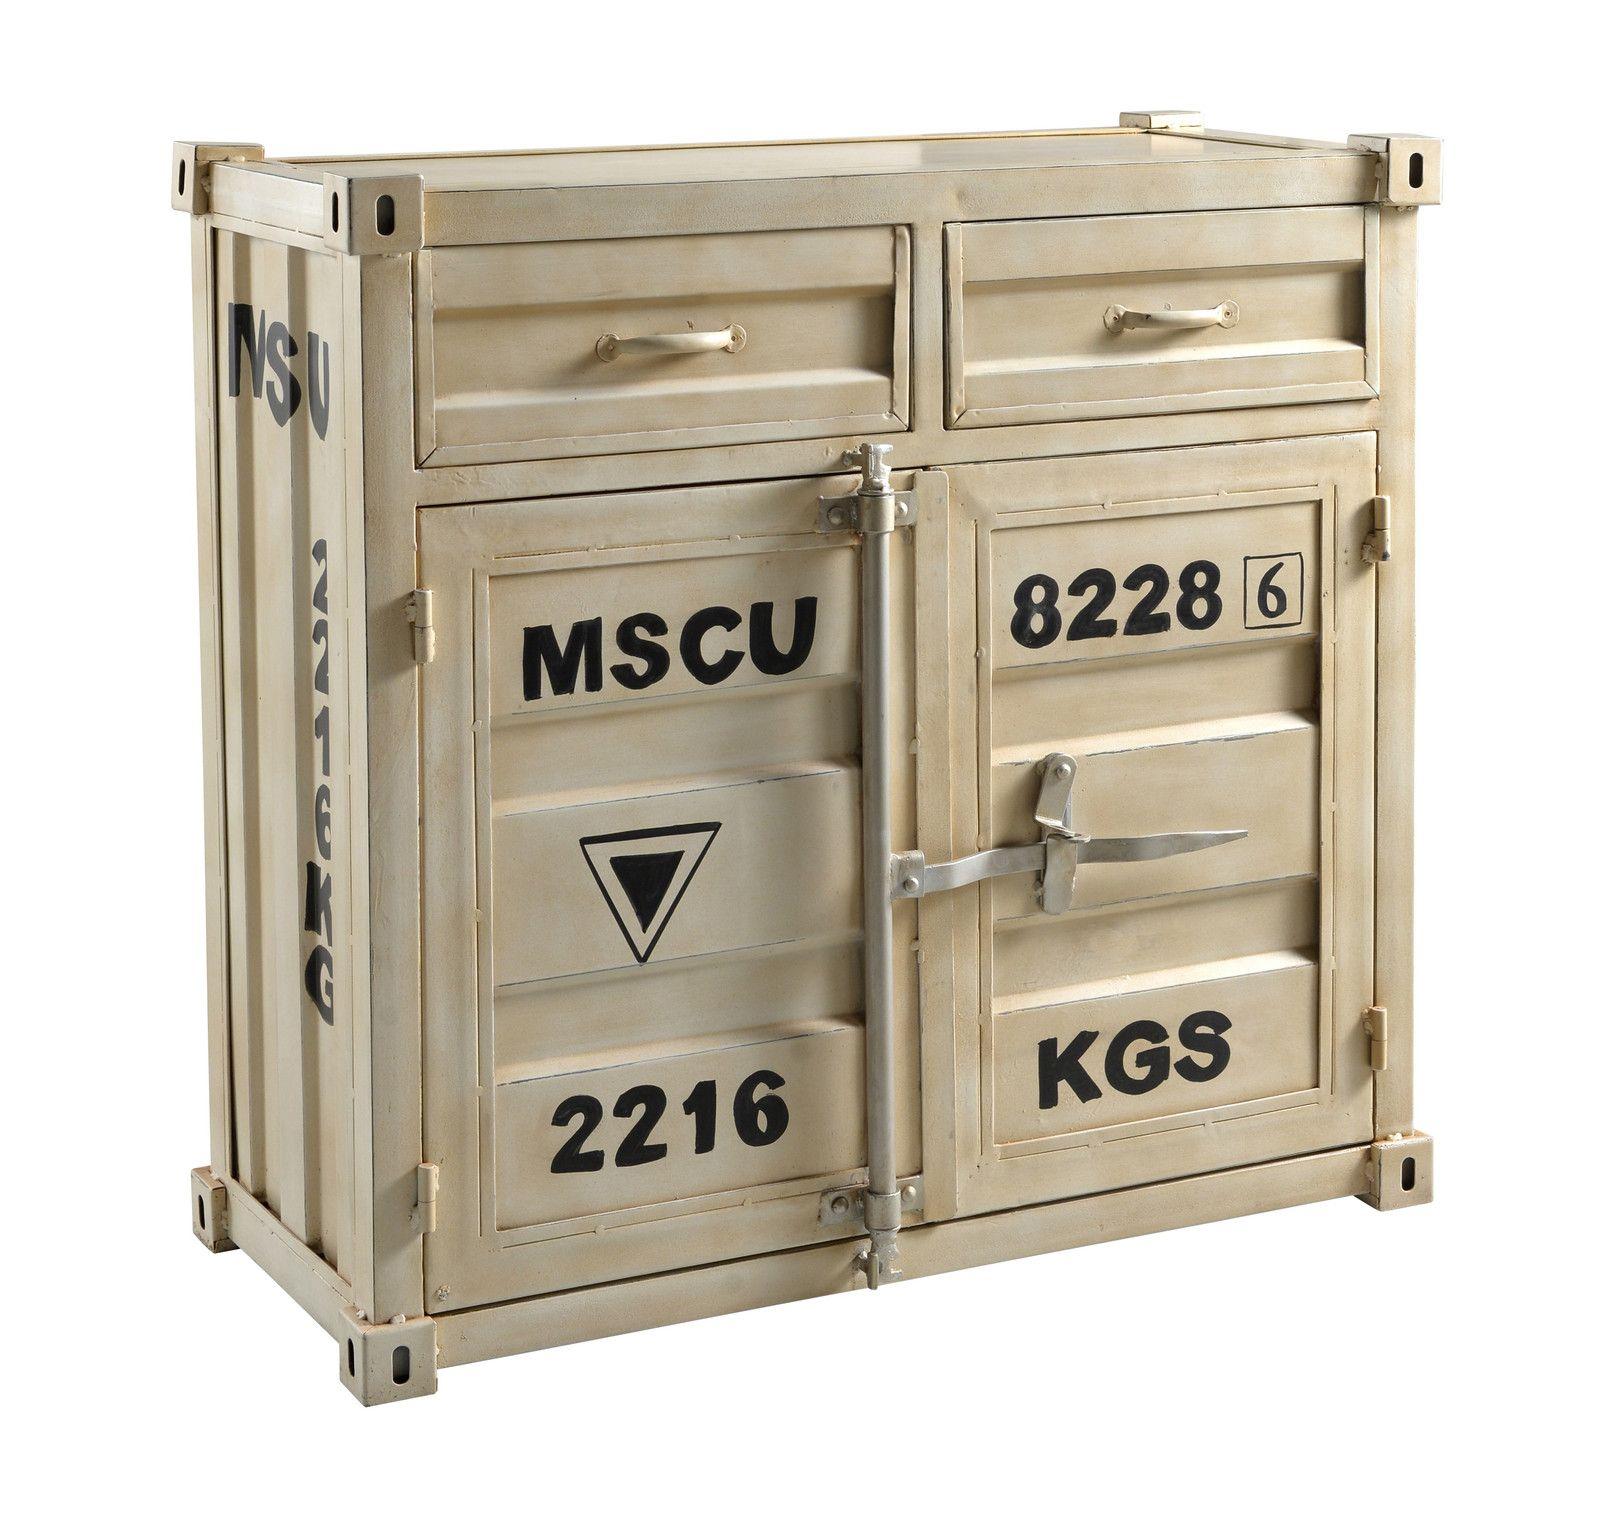 Industrial Mobel Container Kommode Industrial Mobel Kommode